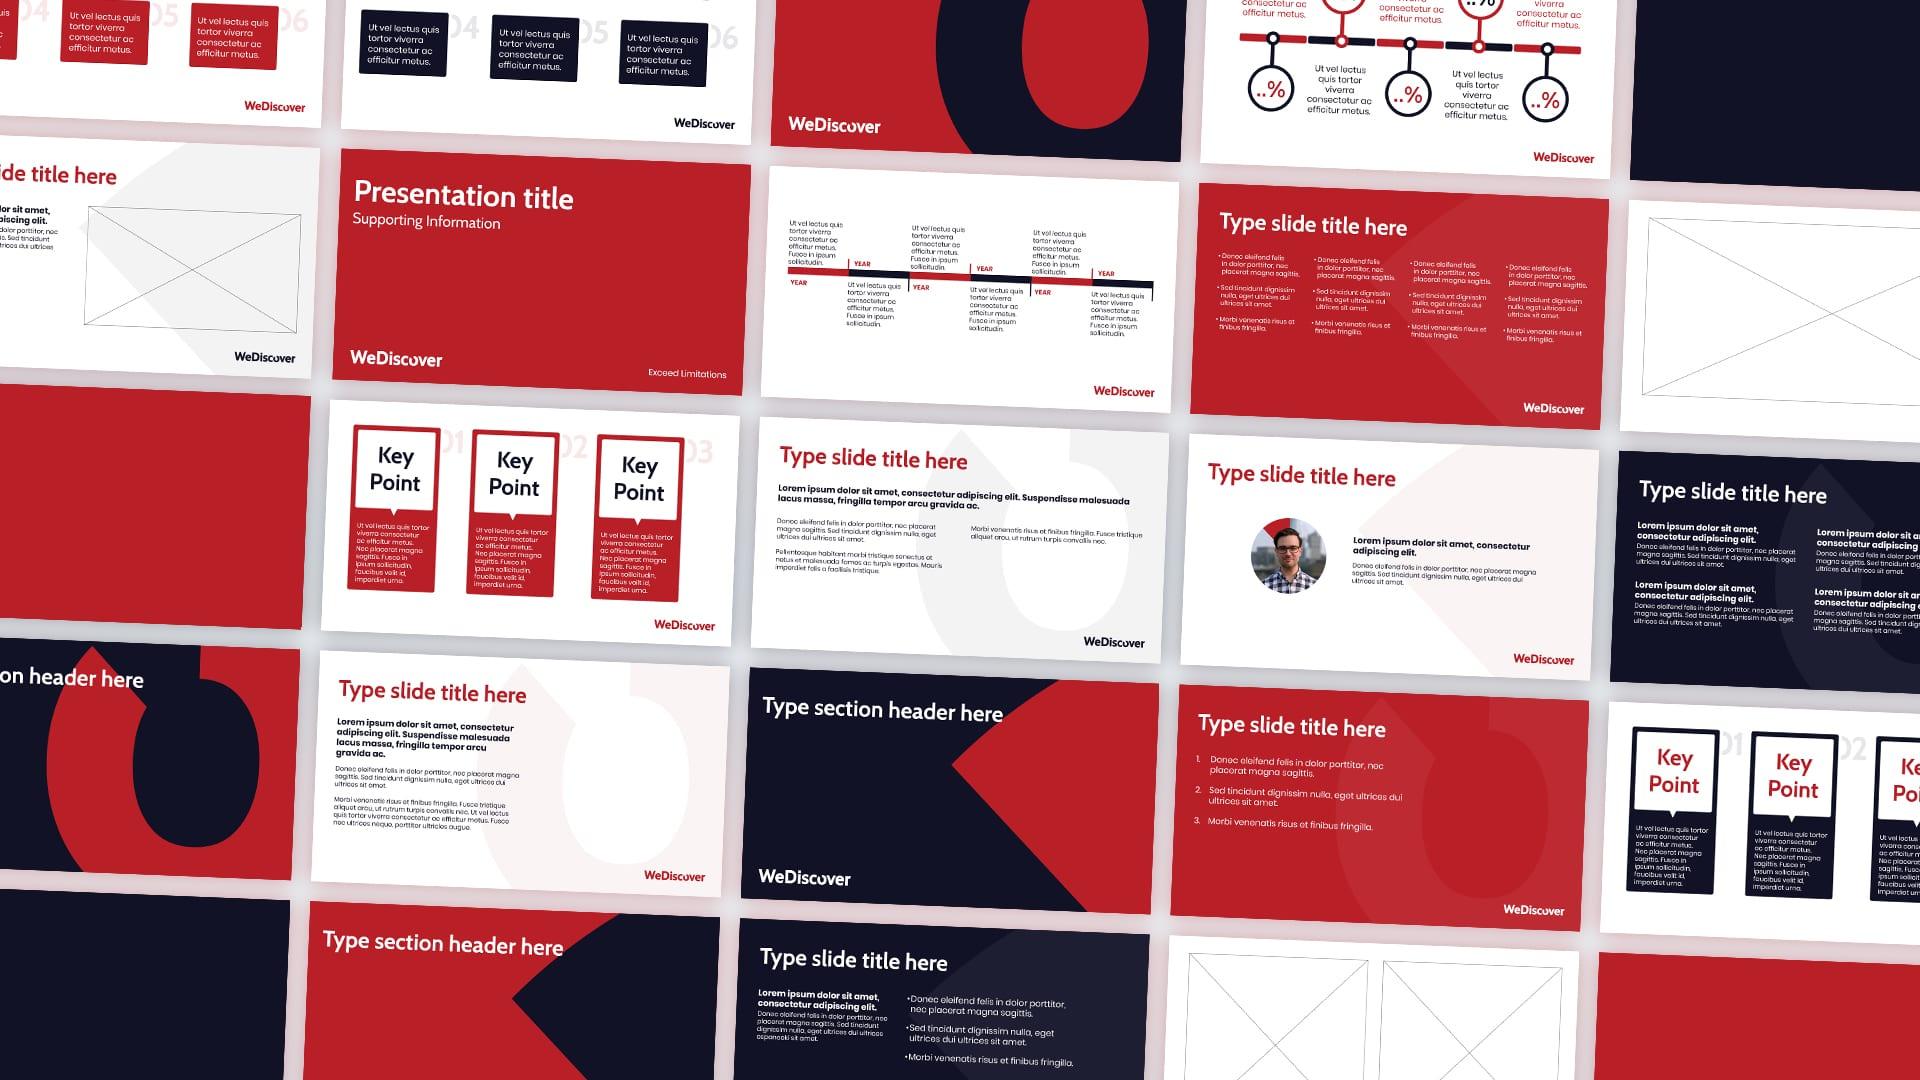 WeDiscover Presentation Slides